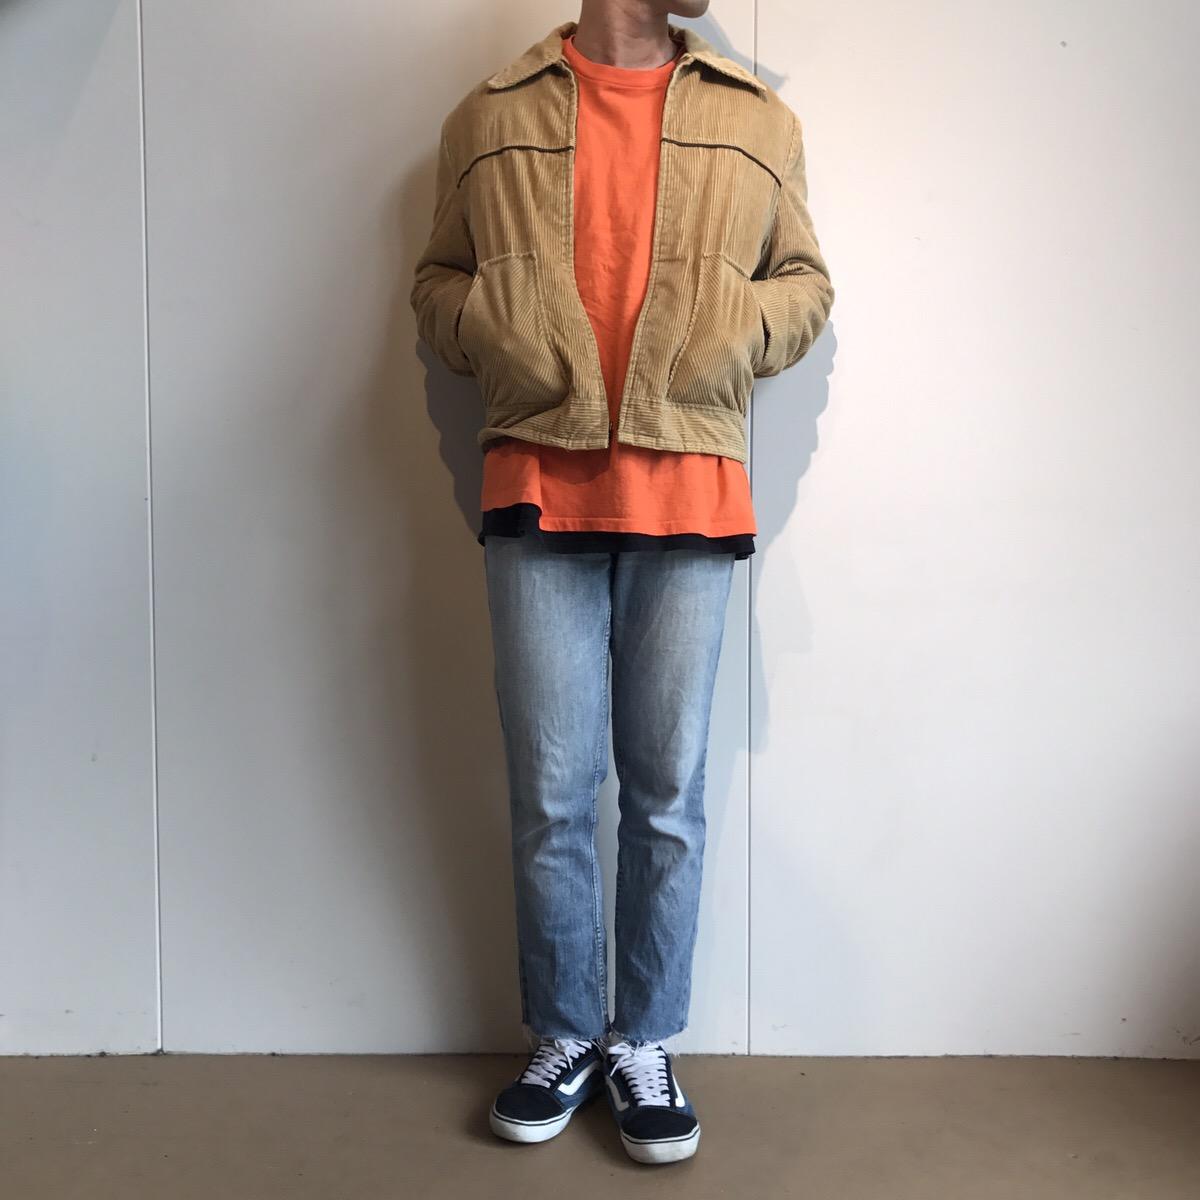 2019年10月29日 | カジュアル秋コーデ